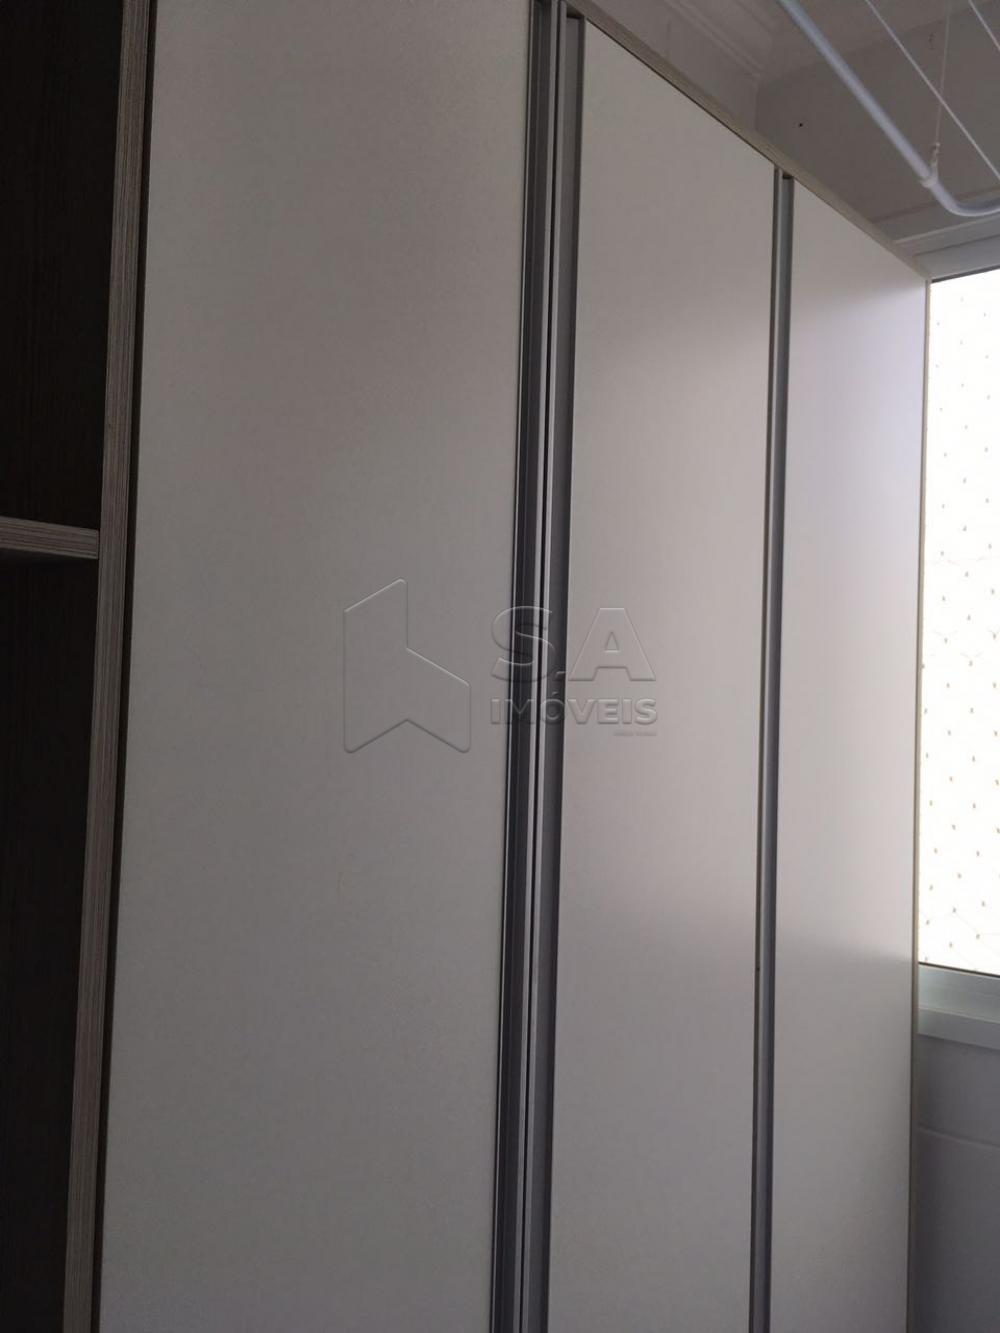 Comprar Apartamento / Padrão em Botucatu apenas R$ 700.000,00 - Foto 4